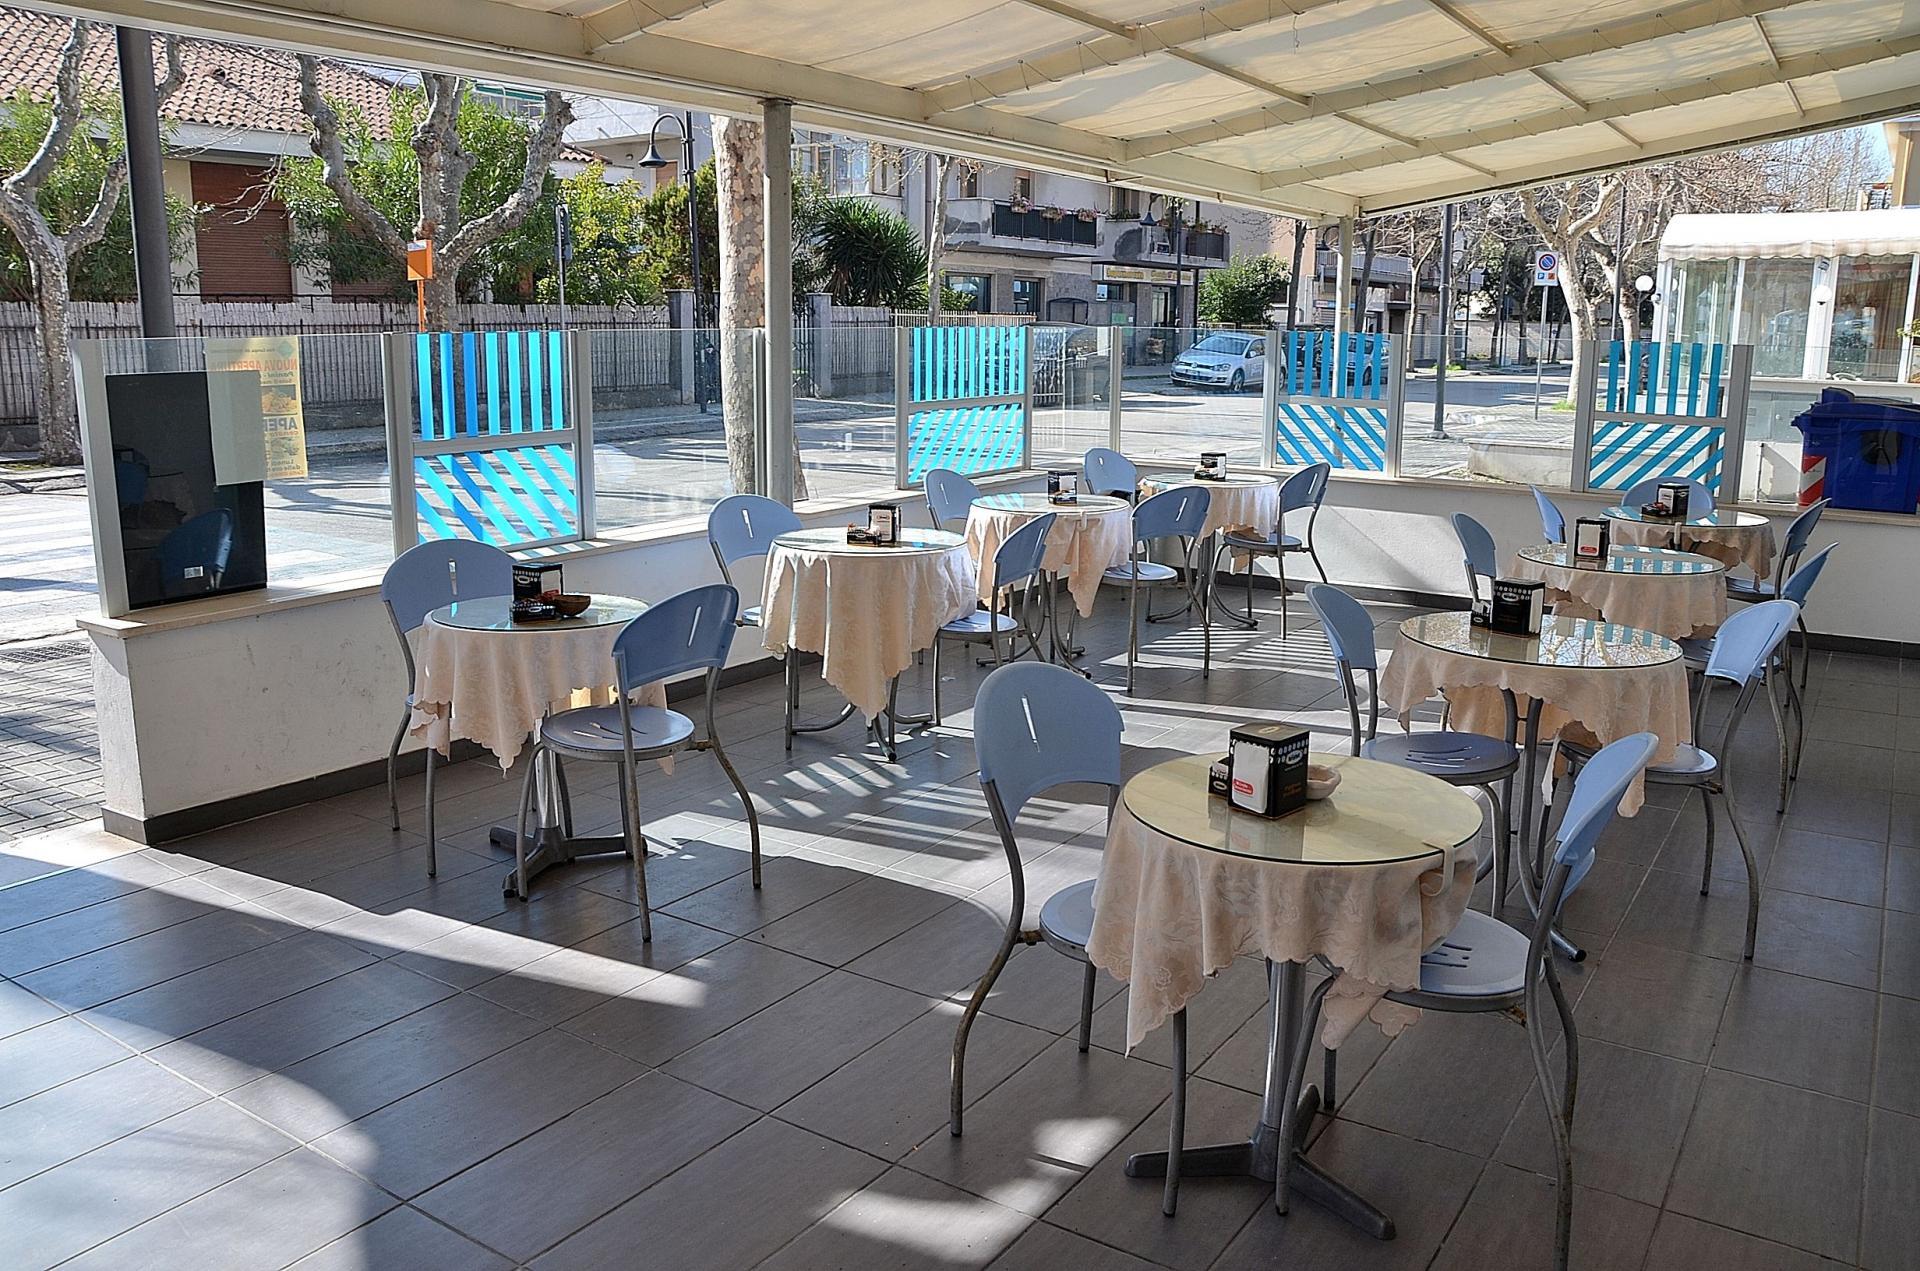 Negozio / Locale in vendita a Montesilvano, 9999 locali, zona Località: mare, prezzo € 288.000 | Cambio Casa.it